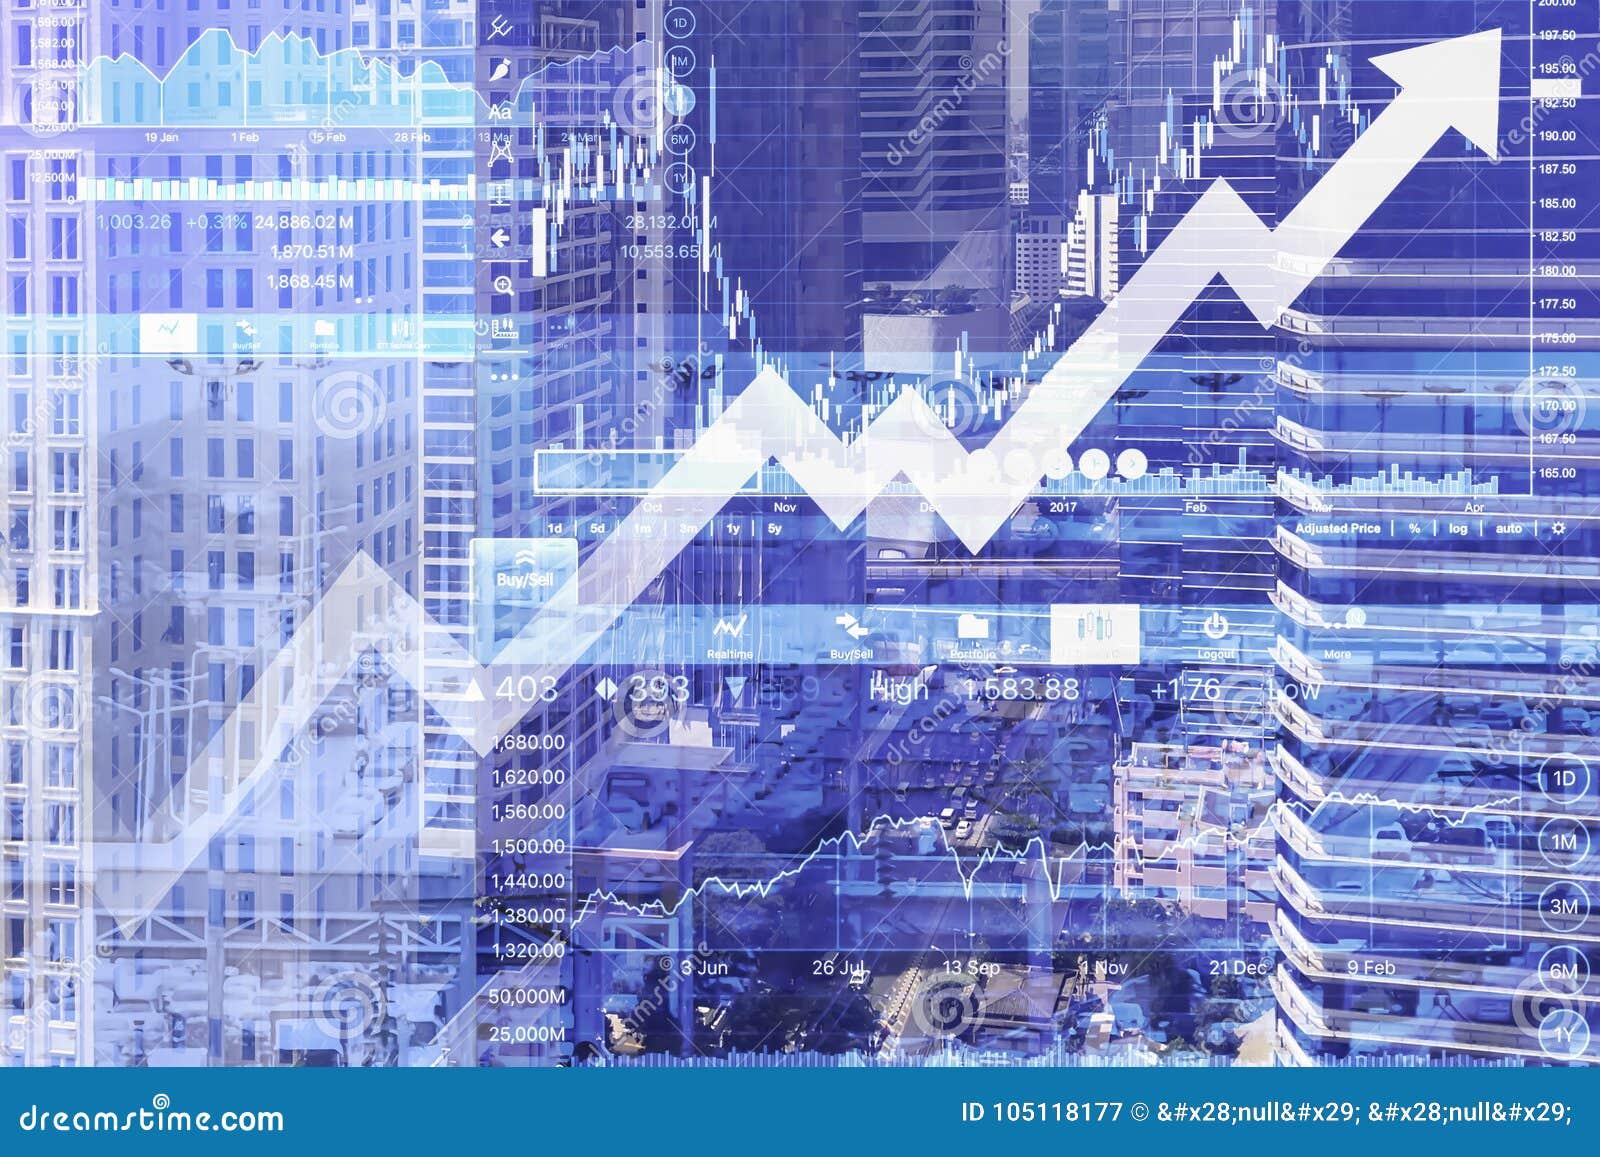 Las propiedades inmobiliarias y el coste de construcción suben aparecido por el gráfico